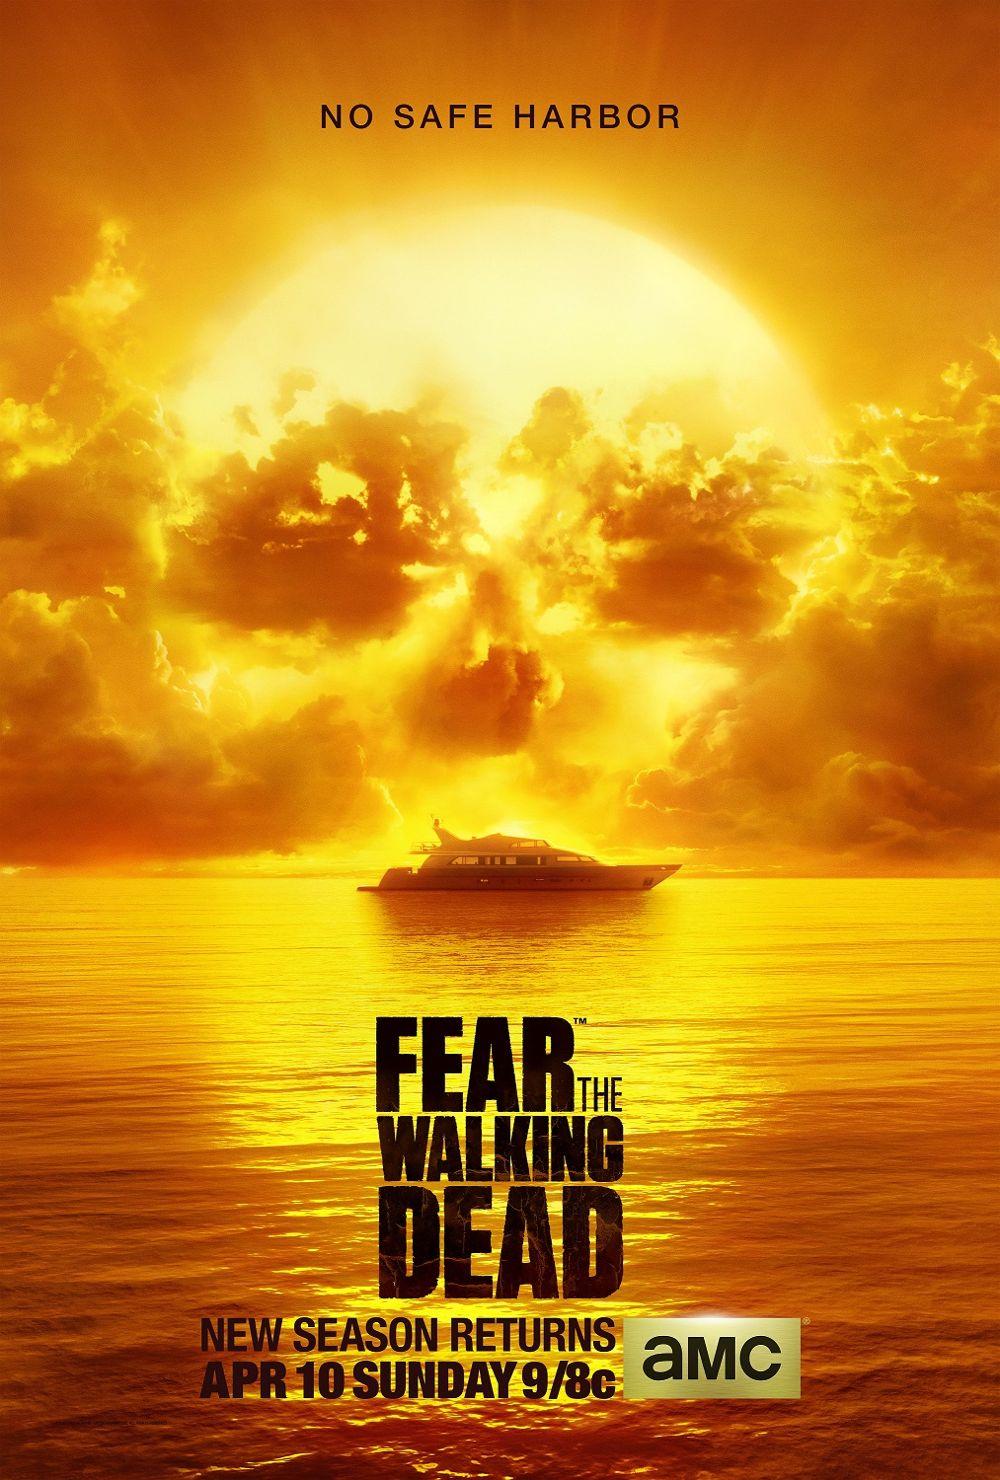 FEAR THE WALKING DEAD Season 2 Poster Key Art